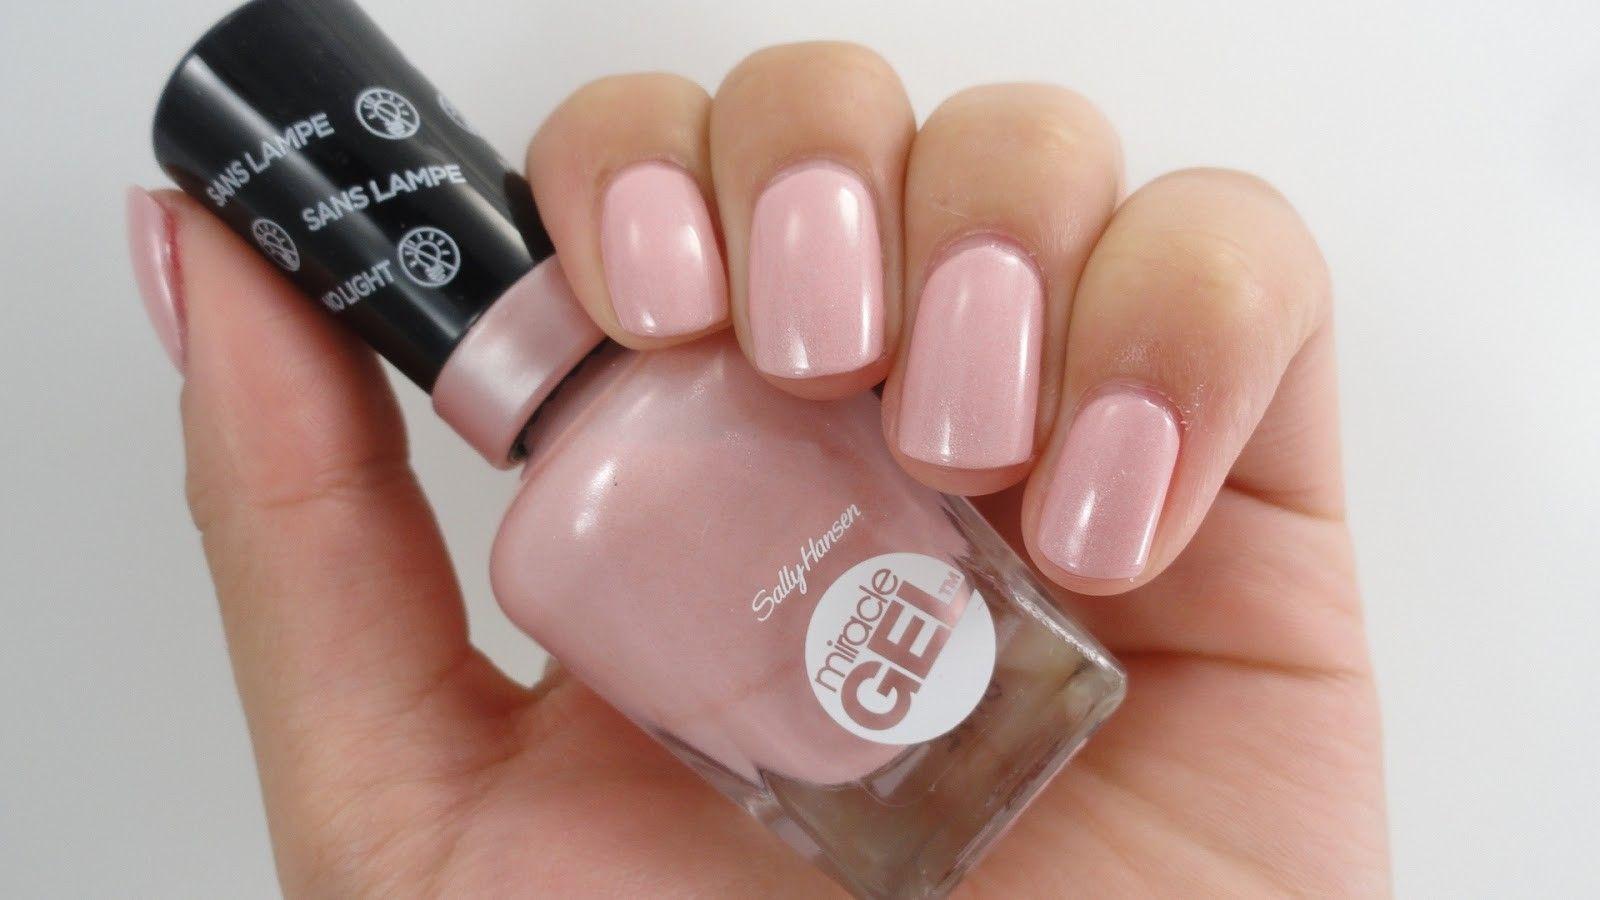 Sally hansen - regal rose - miracle gel nail polish | Nails